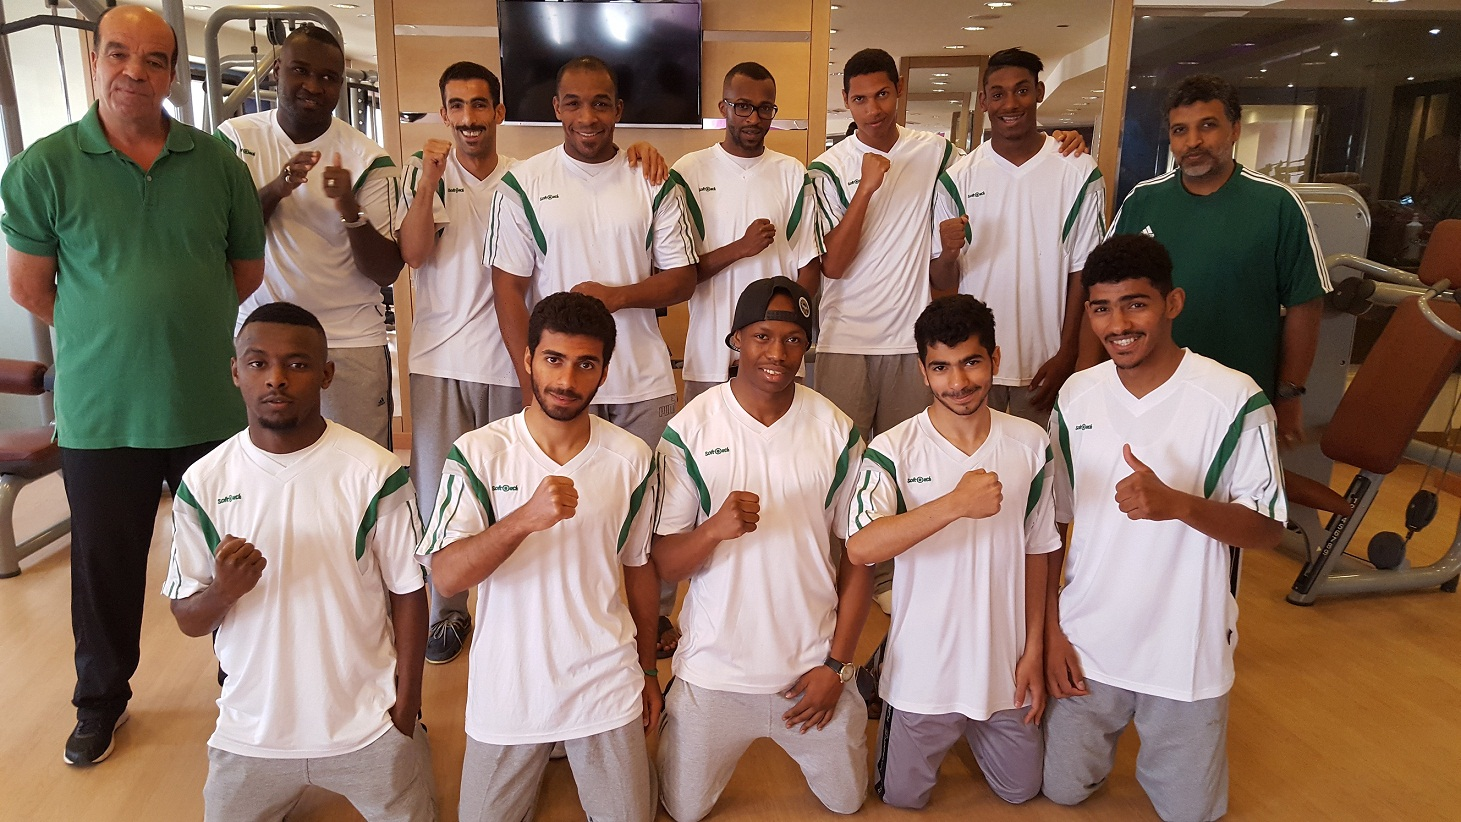 المنتخب السعودي يطمح لاستعادة اللقب في خليجي للملاكمة (3)